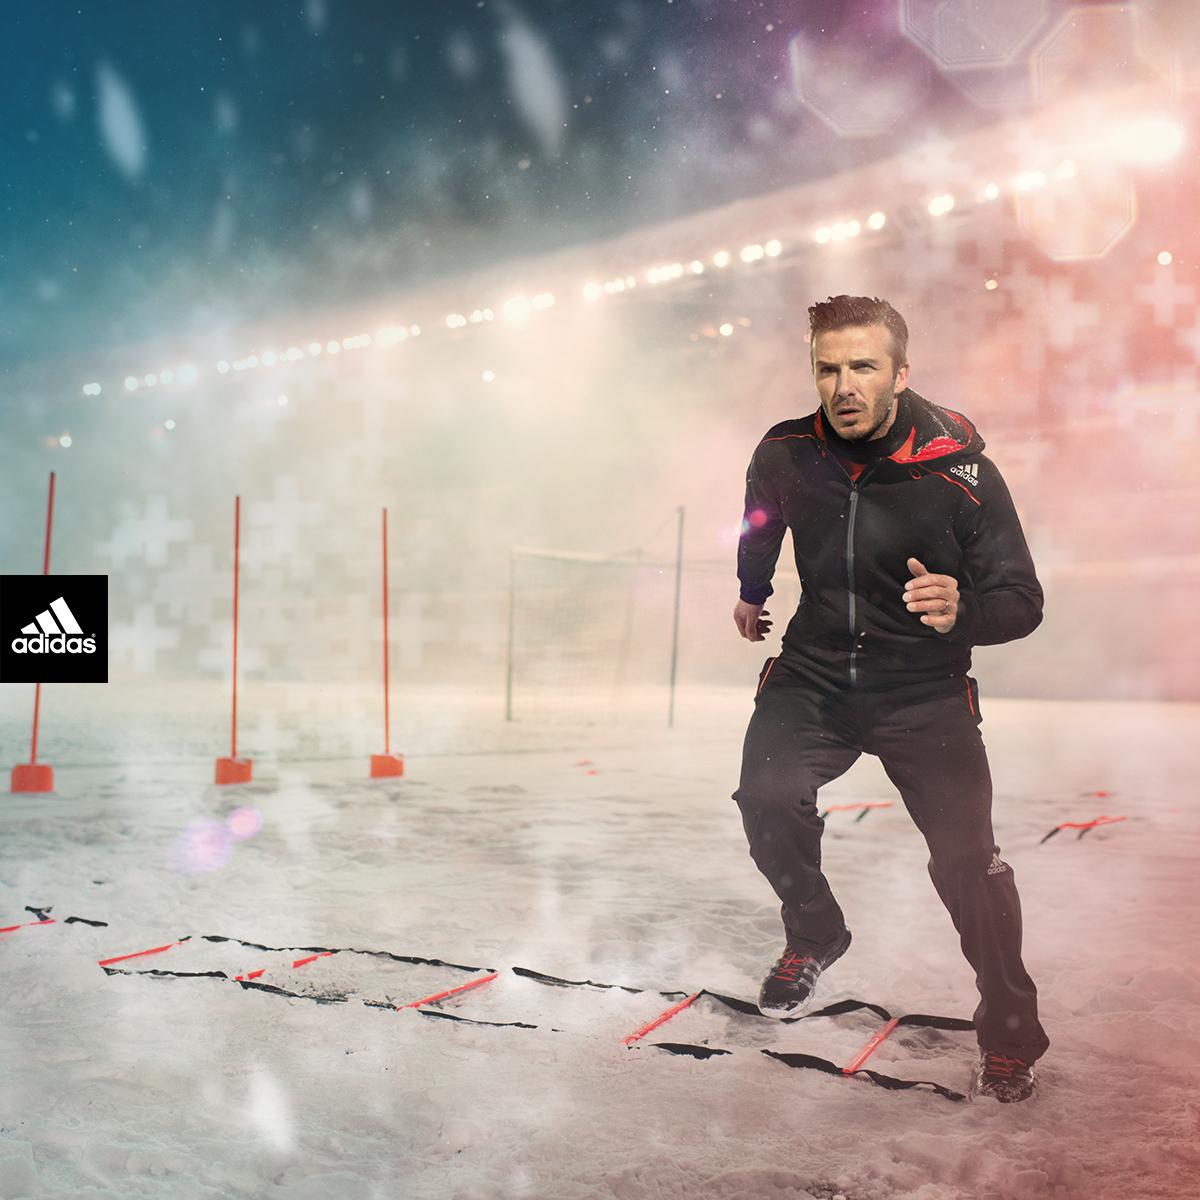 Дэвид Бекхэм в экипировке adidas Climawarm+ для занятий спортом в холодную погоду